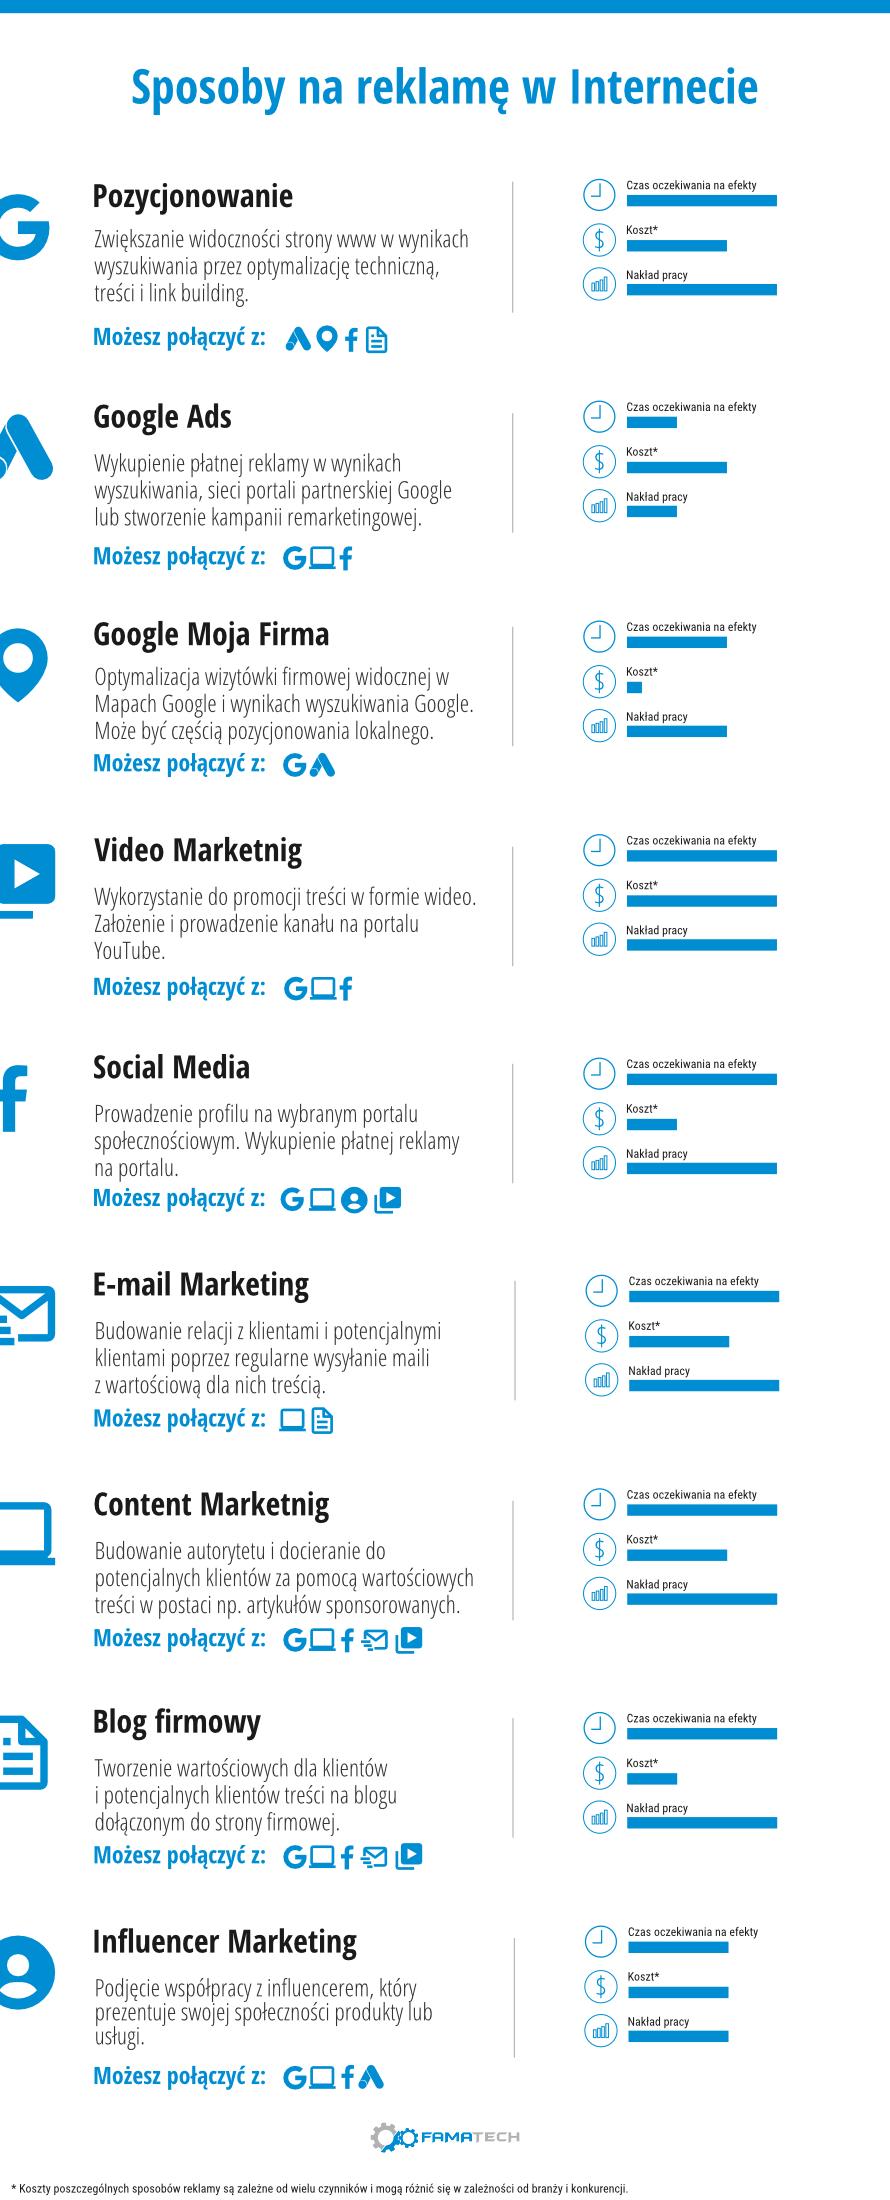 Reklama w internecie - Infografika